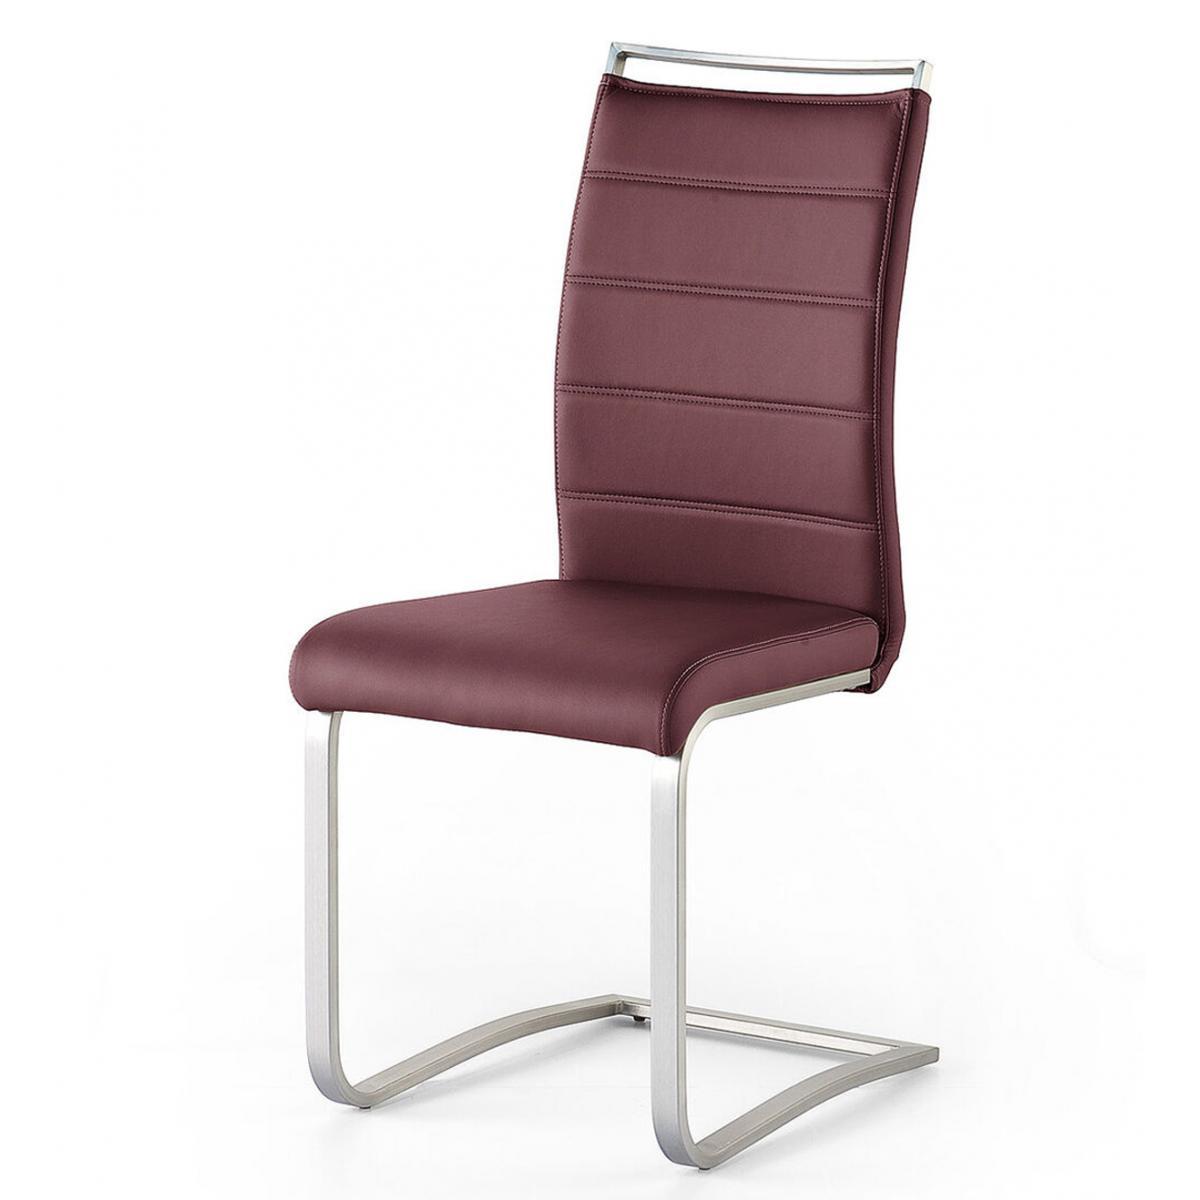 Pegane Lot de 2 chaises en acier et simili cuir coloris bordeaux - L.42 x H.102 x P.56 cm -PEGANE-